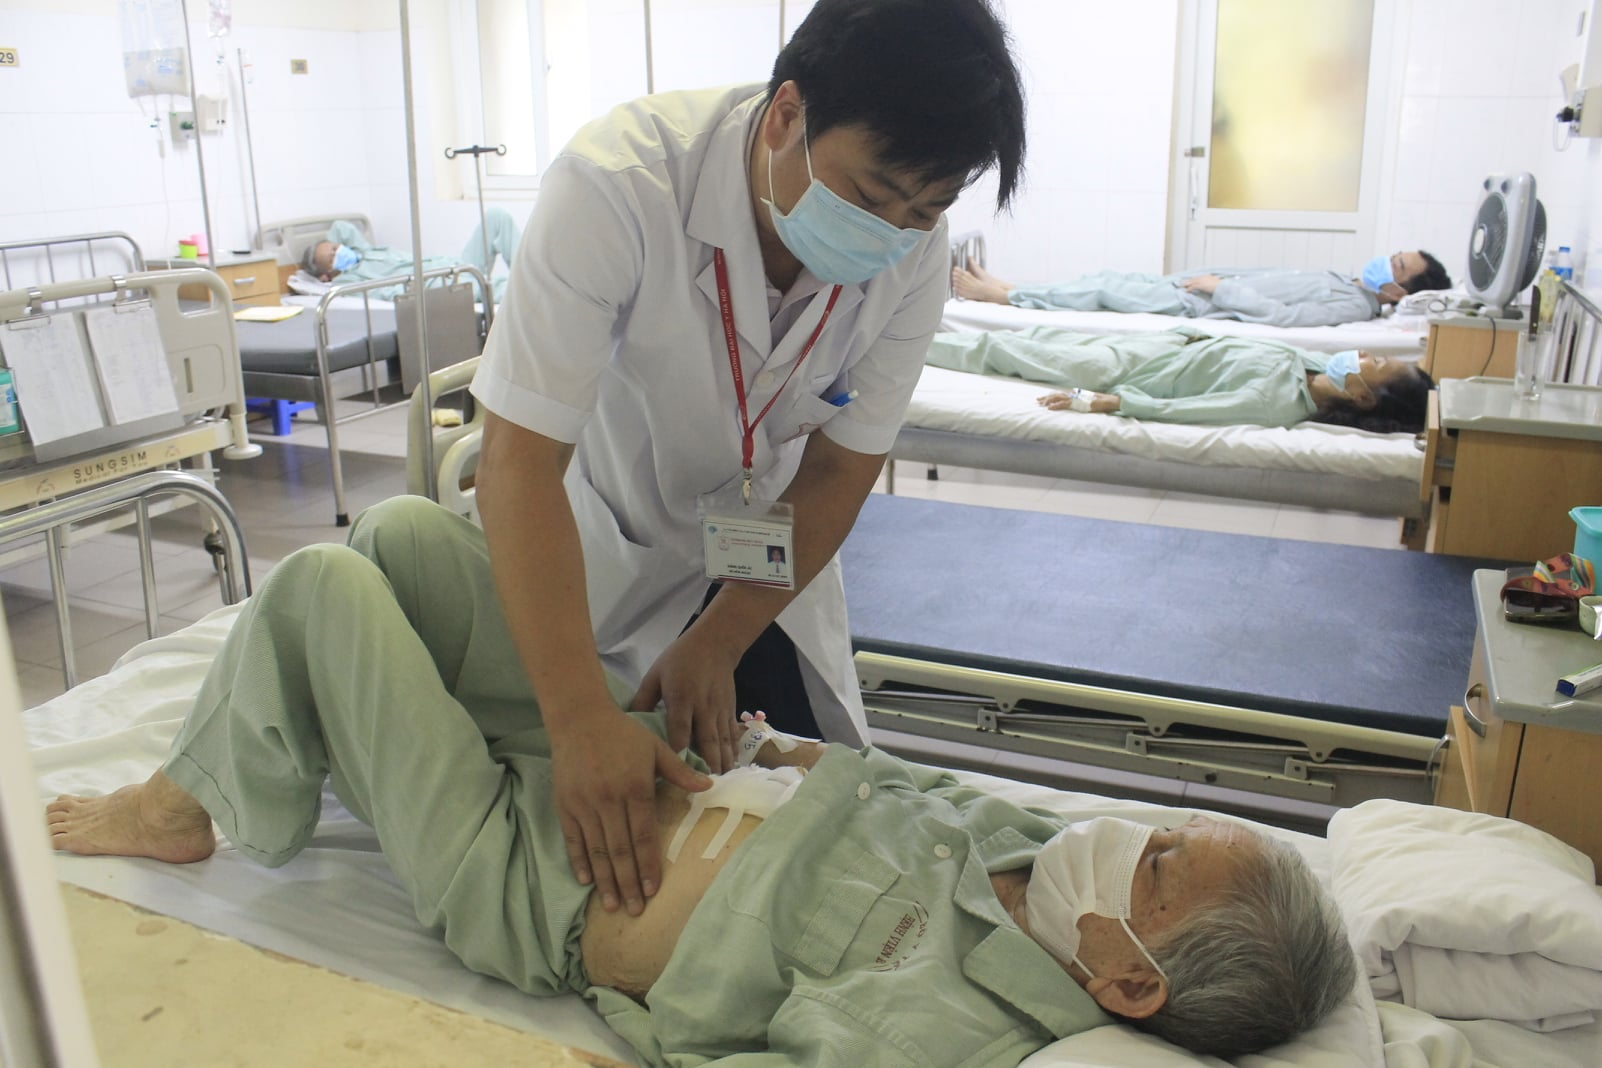 Cụ bà 91 tuổi thoát chết sau khi bị sỏi kẹt cổ túi mật - hình ảnh 1